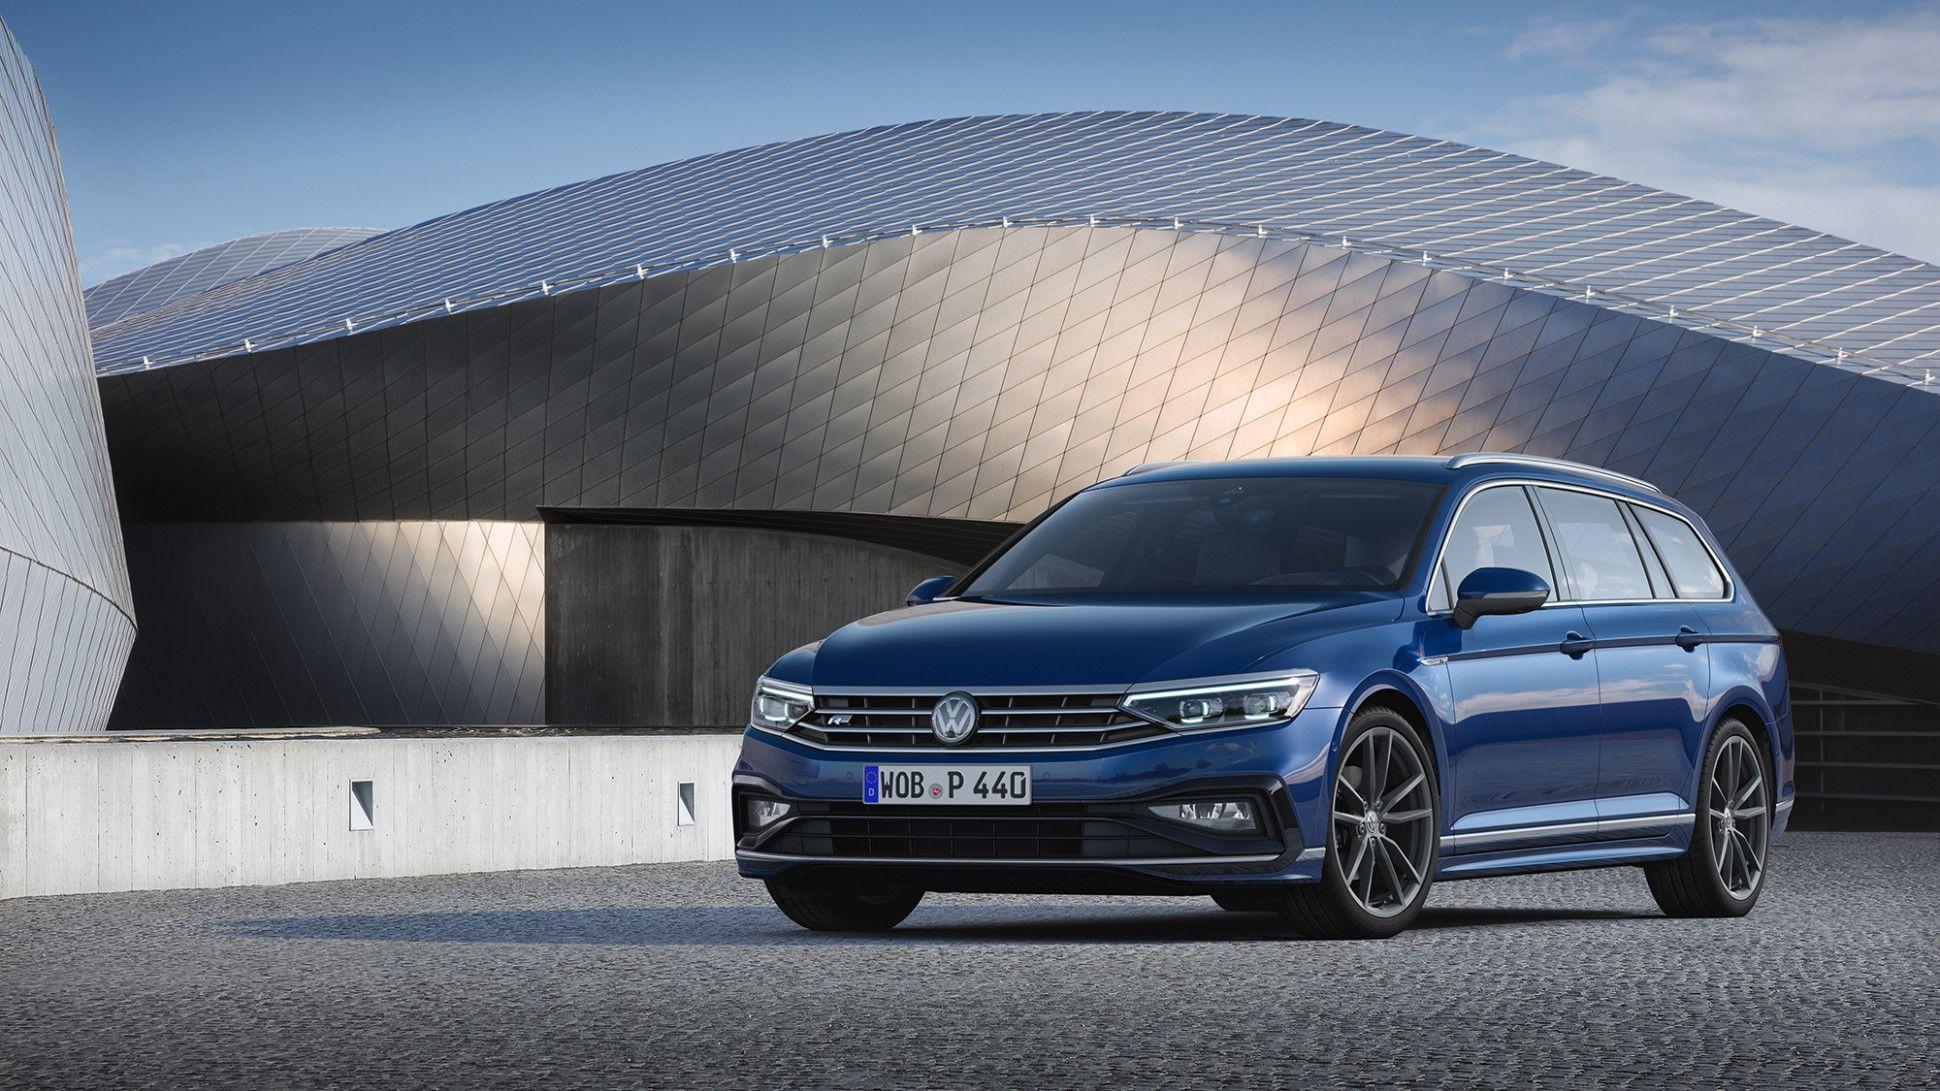 2021 Volkswagen Passat Images In 2020 Volkswagen Passat Car Volkswagen Vw Passat